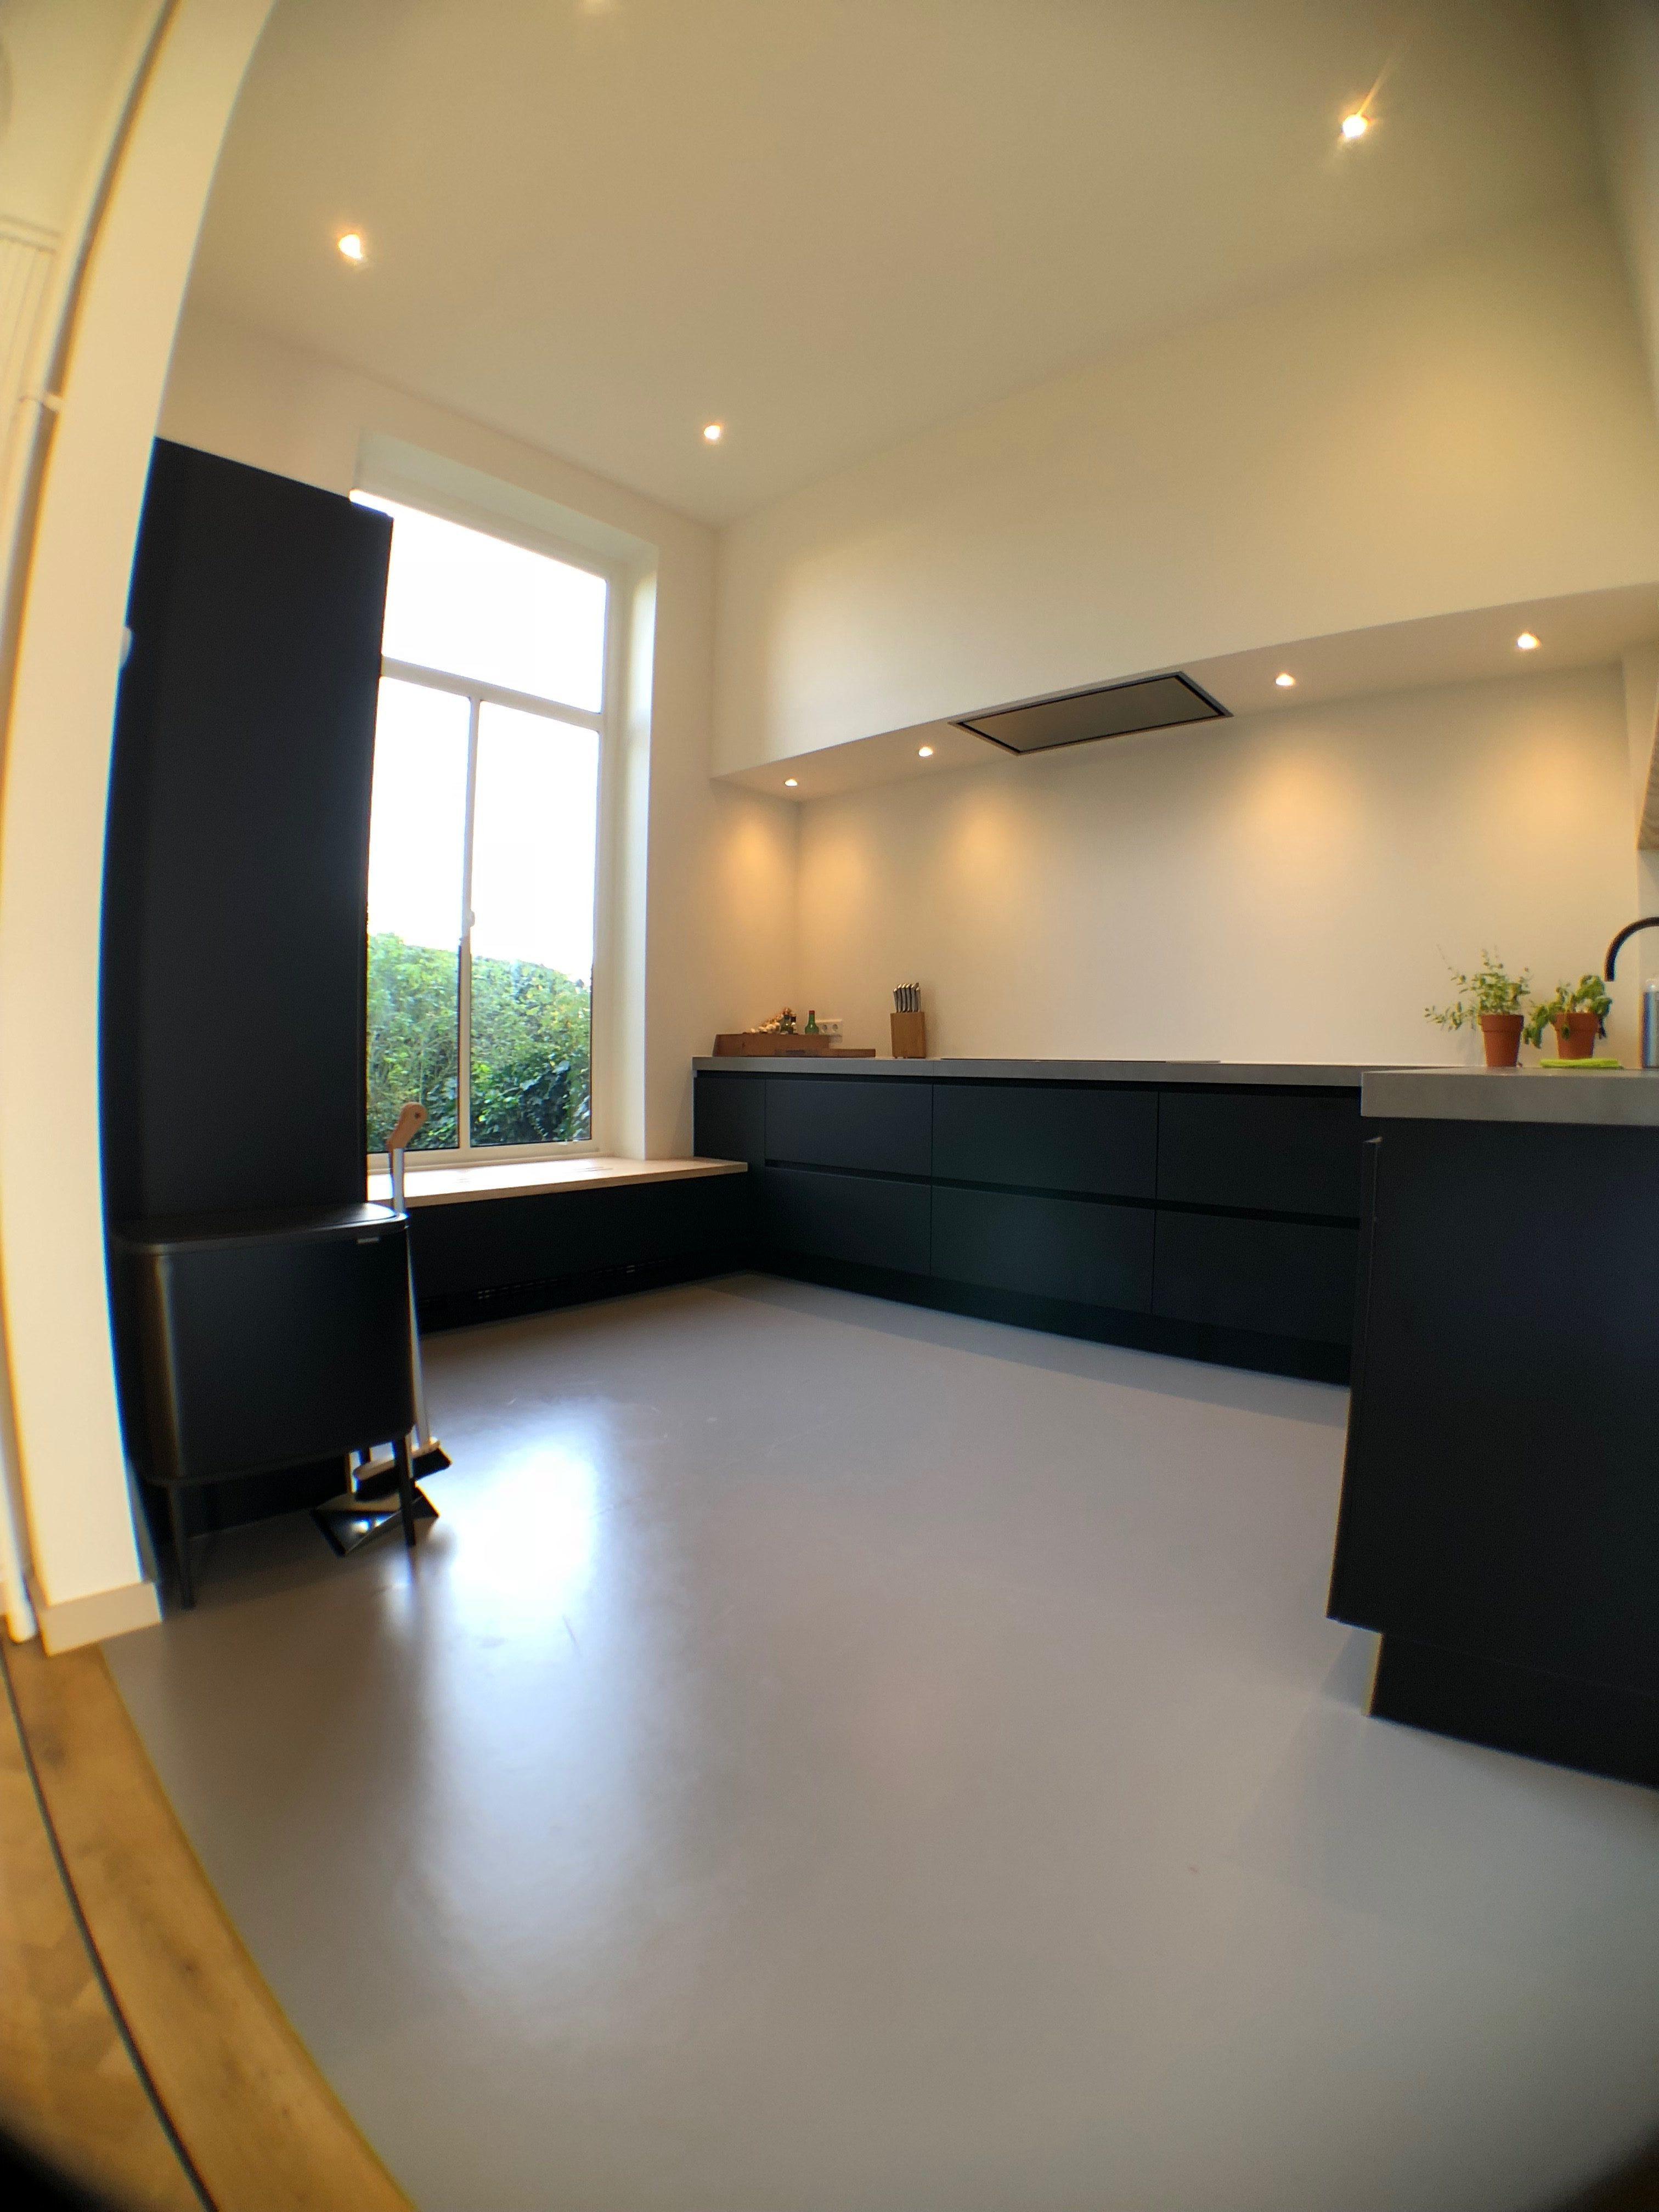 Aanbouw keuken